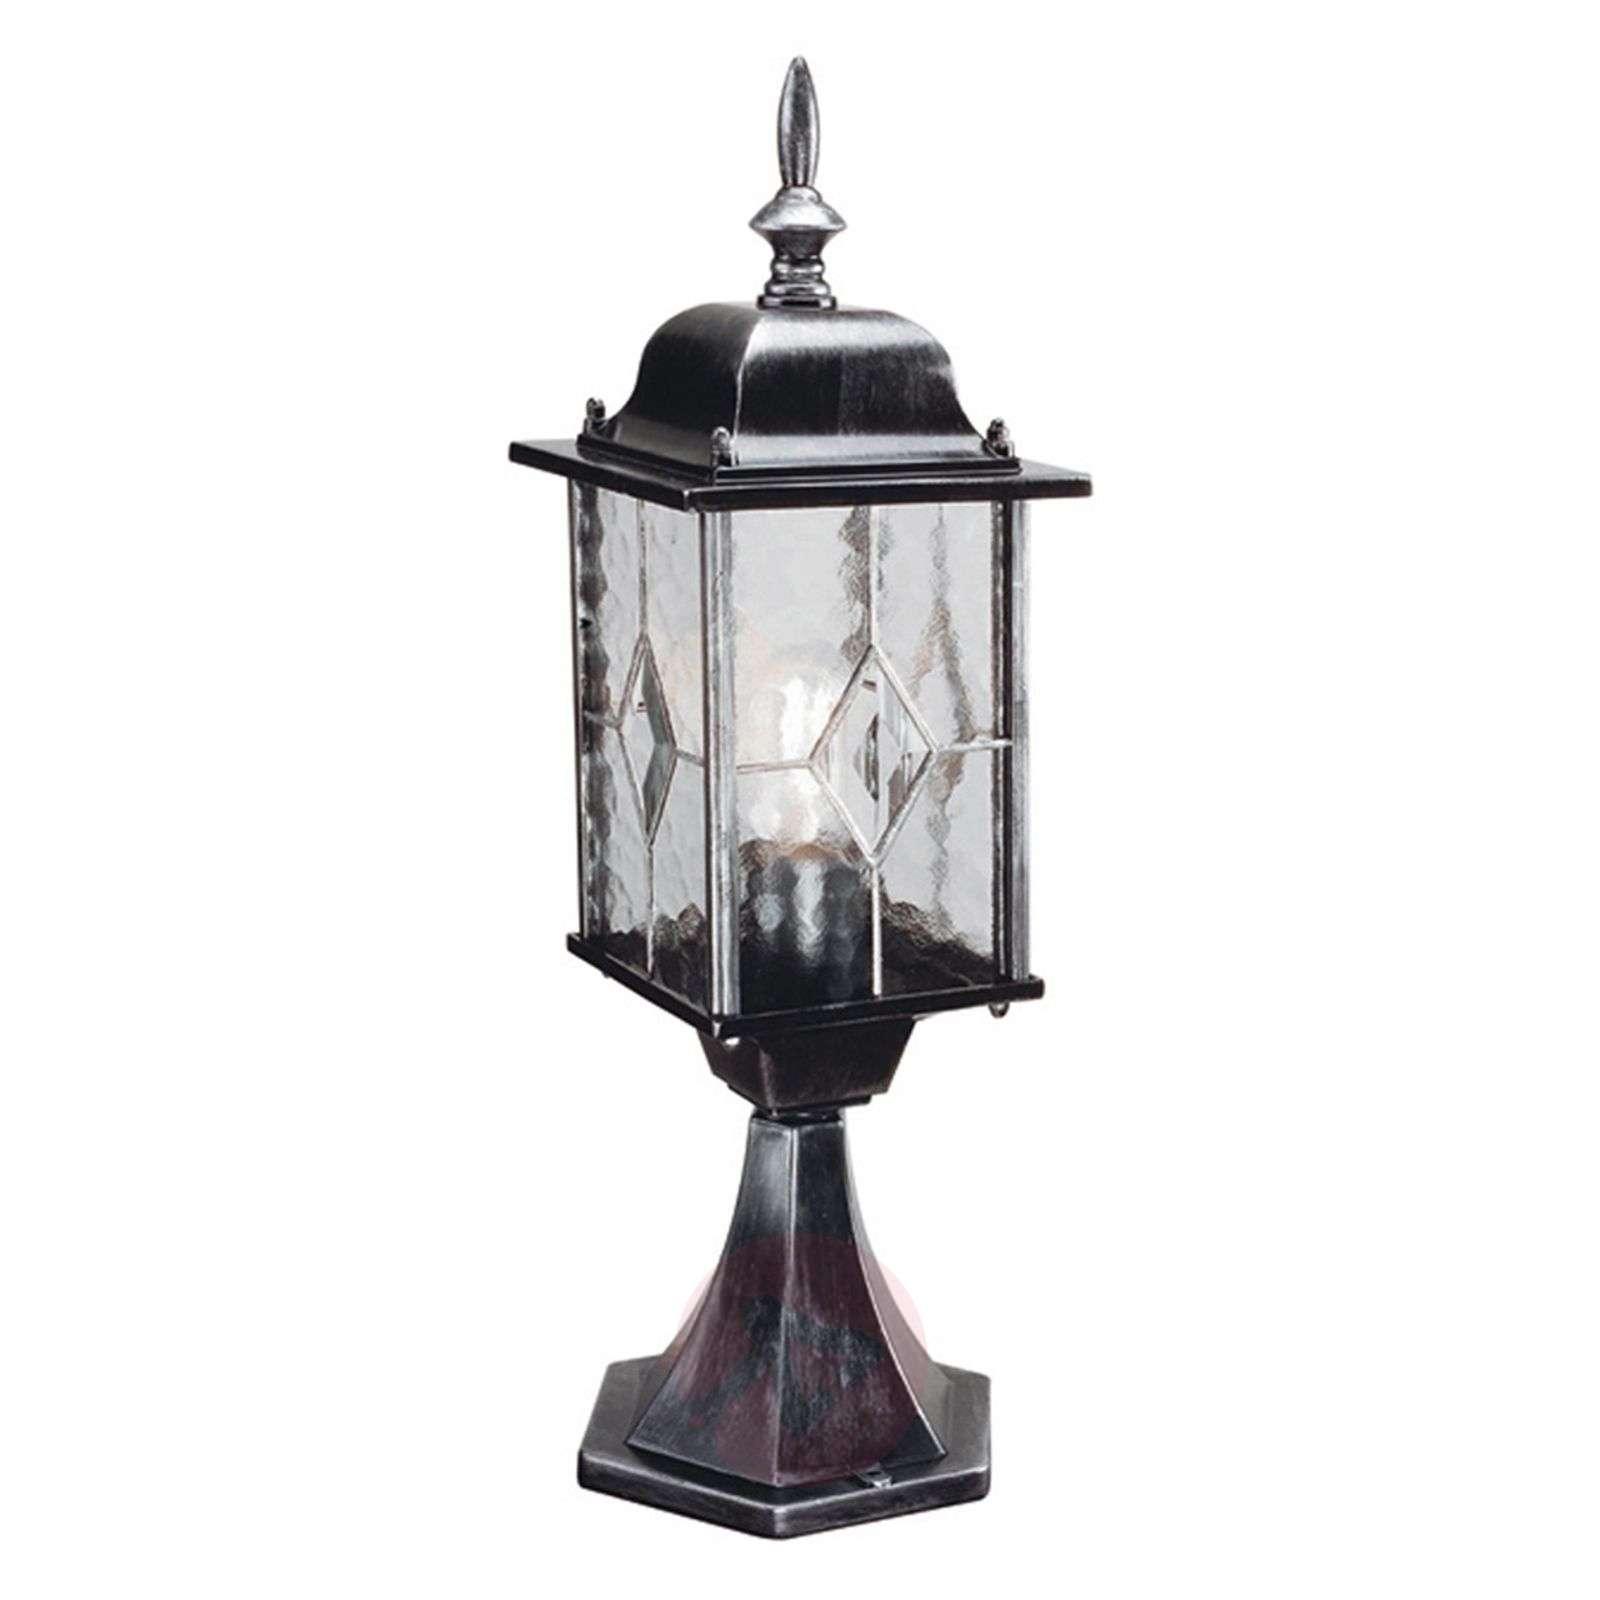 Pillar light Wexford WX3-3048209-01